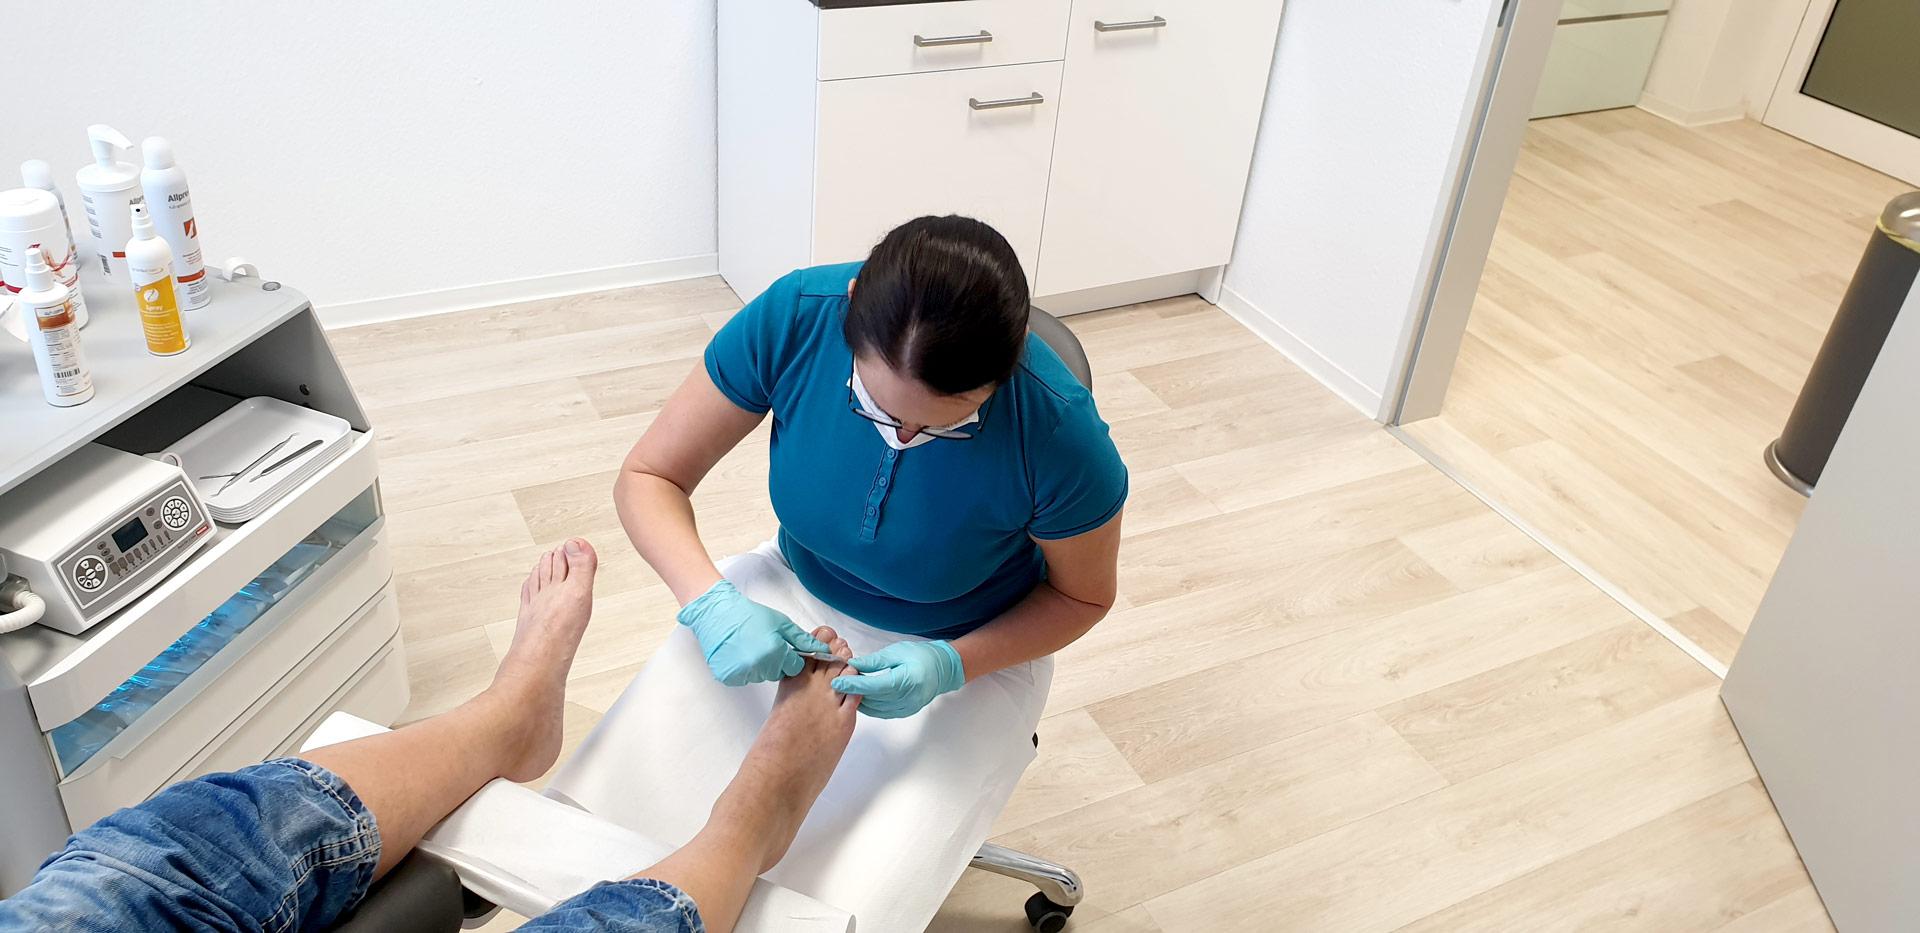 Podologie Meister: Behandlung eines diabetischen Fußes